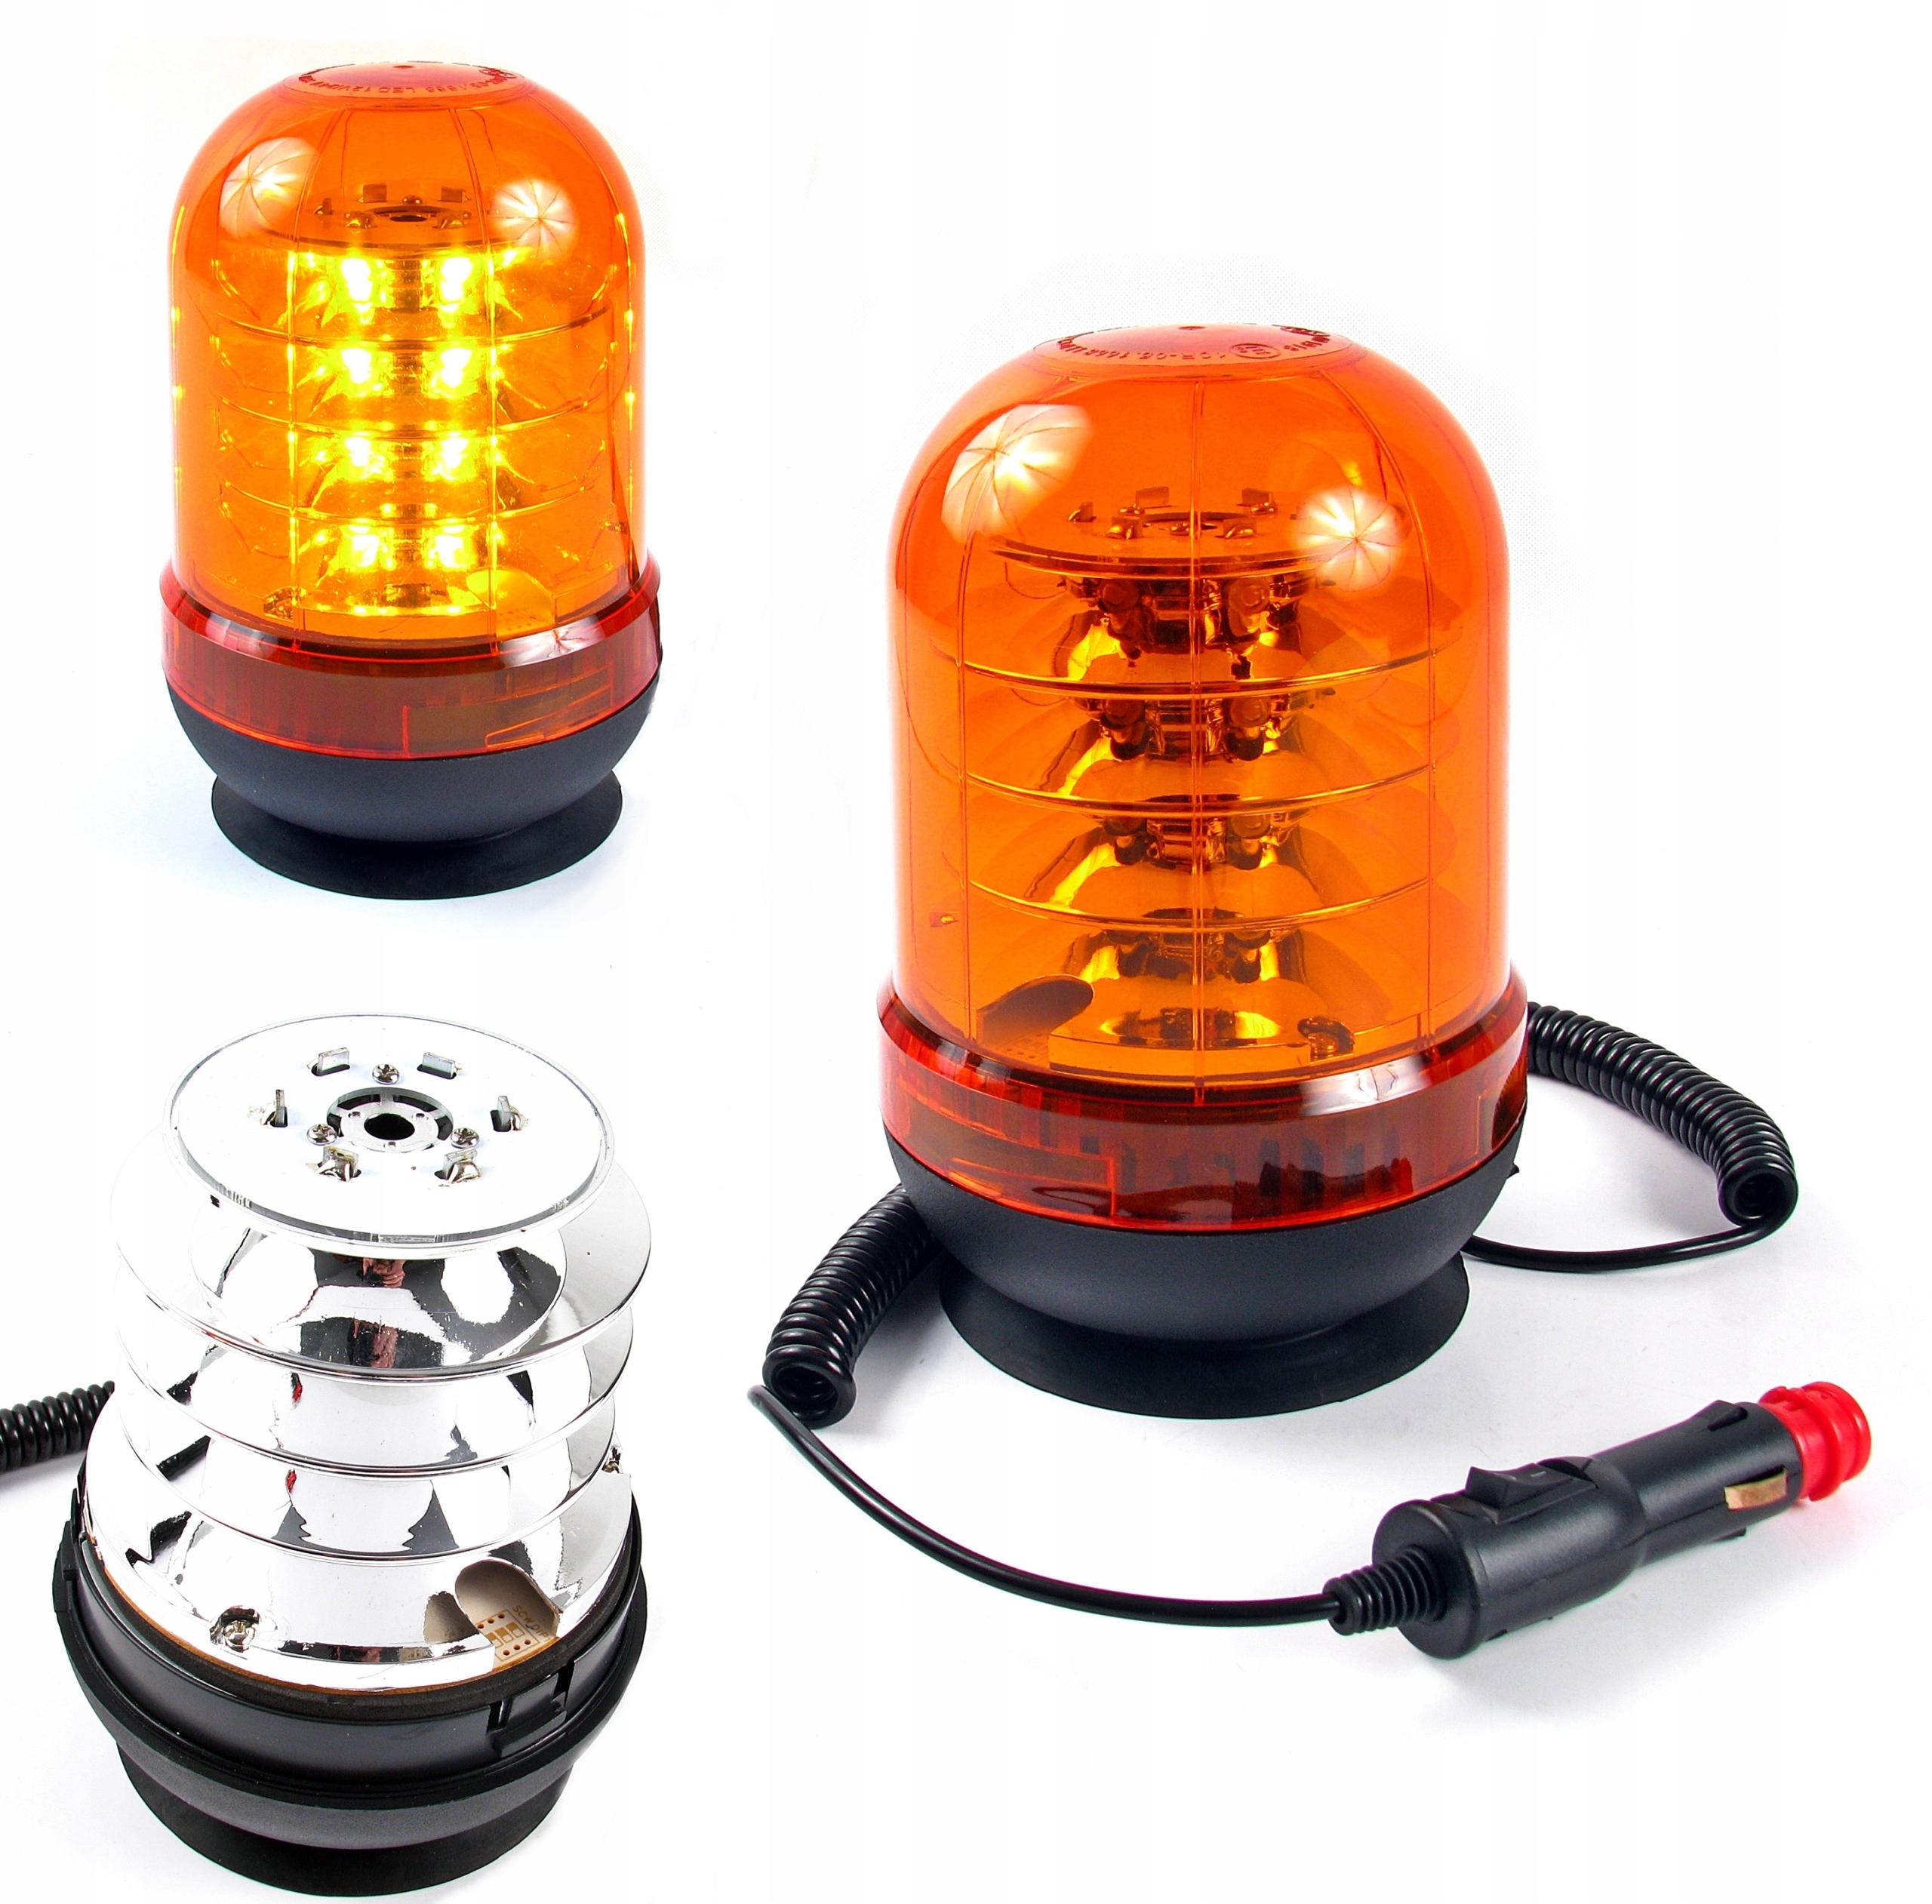 лампа предупреждения петух 18 led 54w alr 1224v